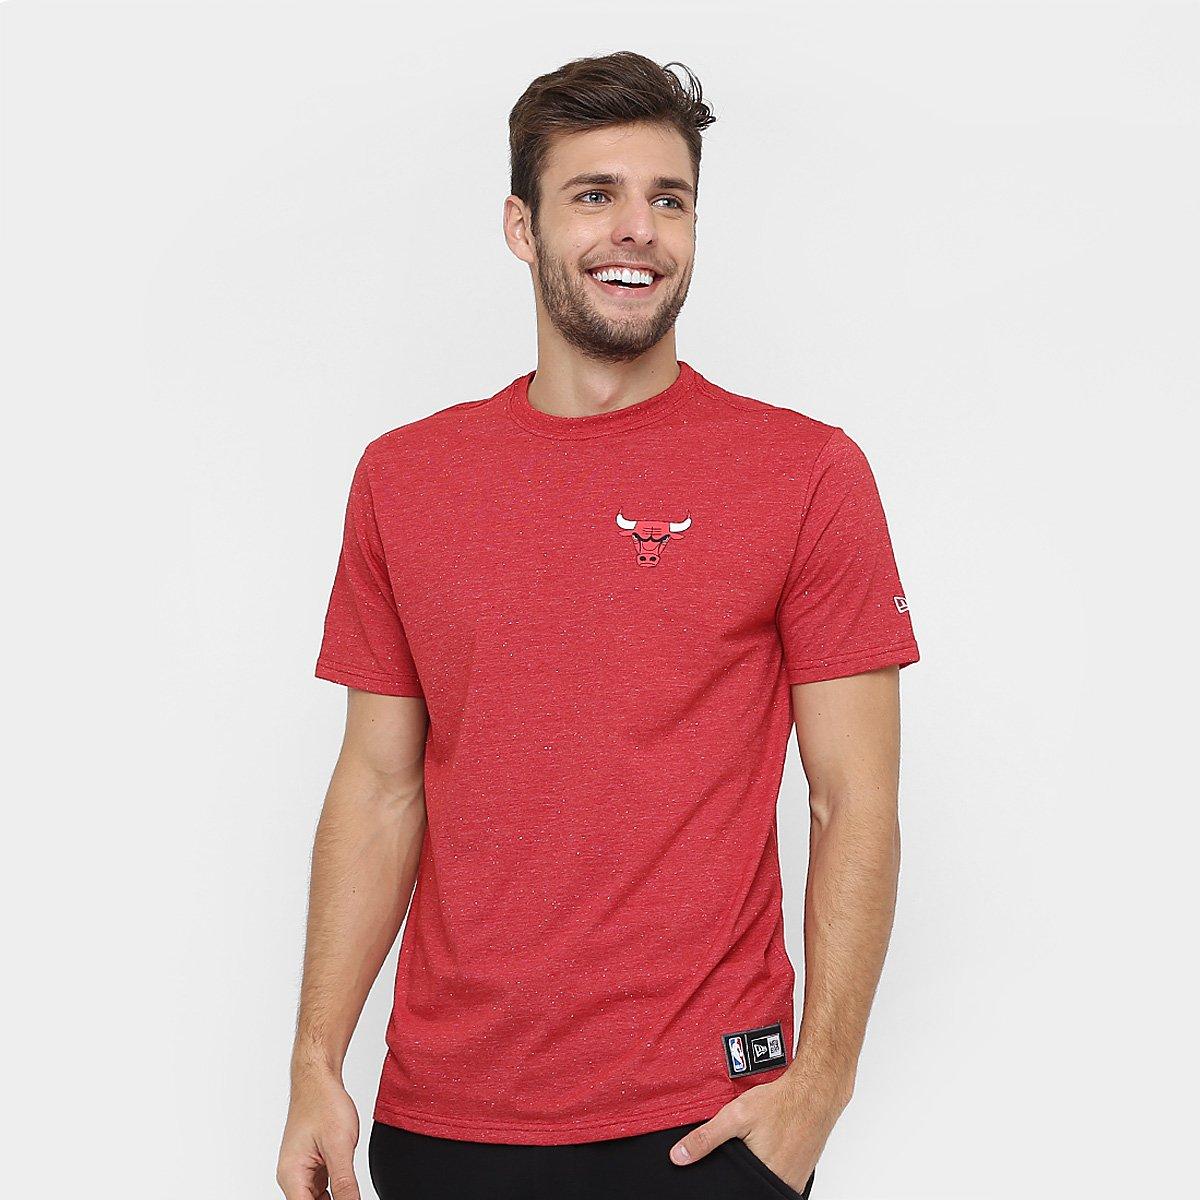 0dbea3b69e Camiseta New Era NBA Arabesco Chicago Bulls - Compre Agora